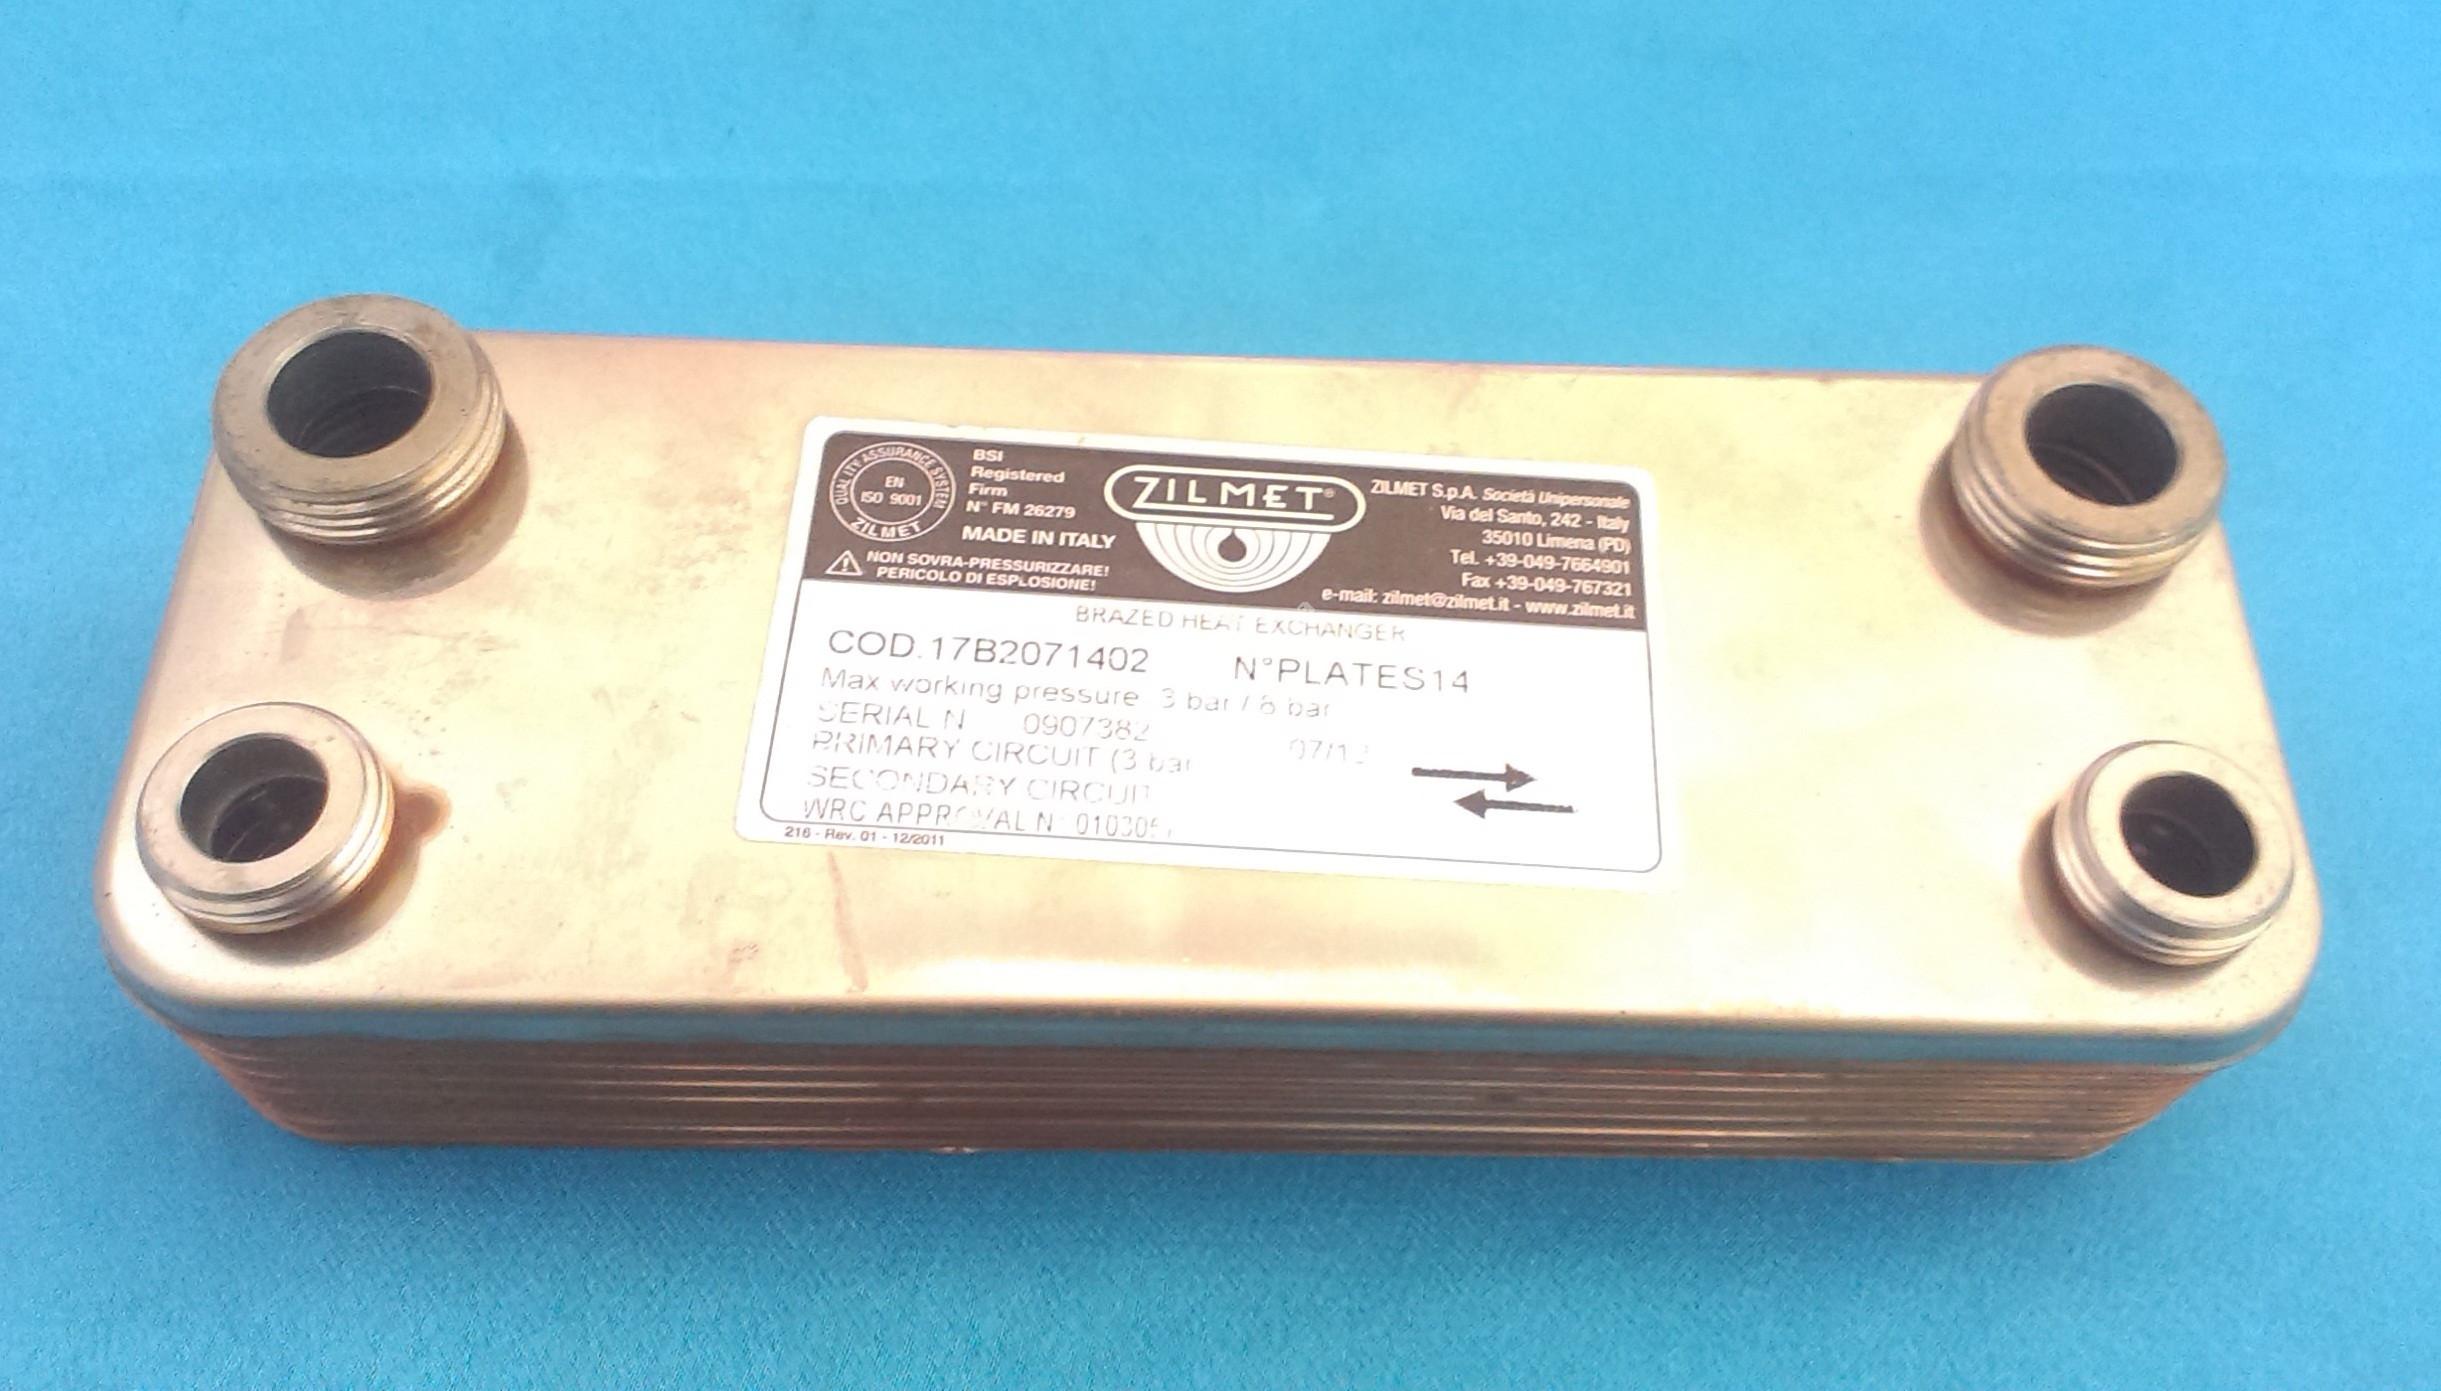 17B2071402 Теплообмінник вторинний ГВП 14 пластин Zilmet